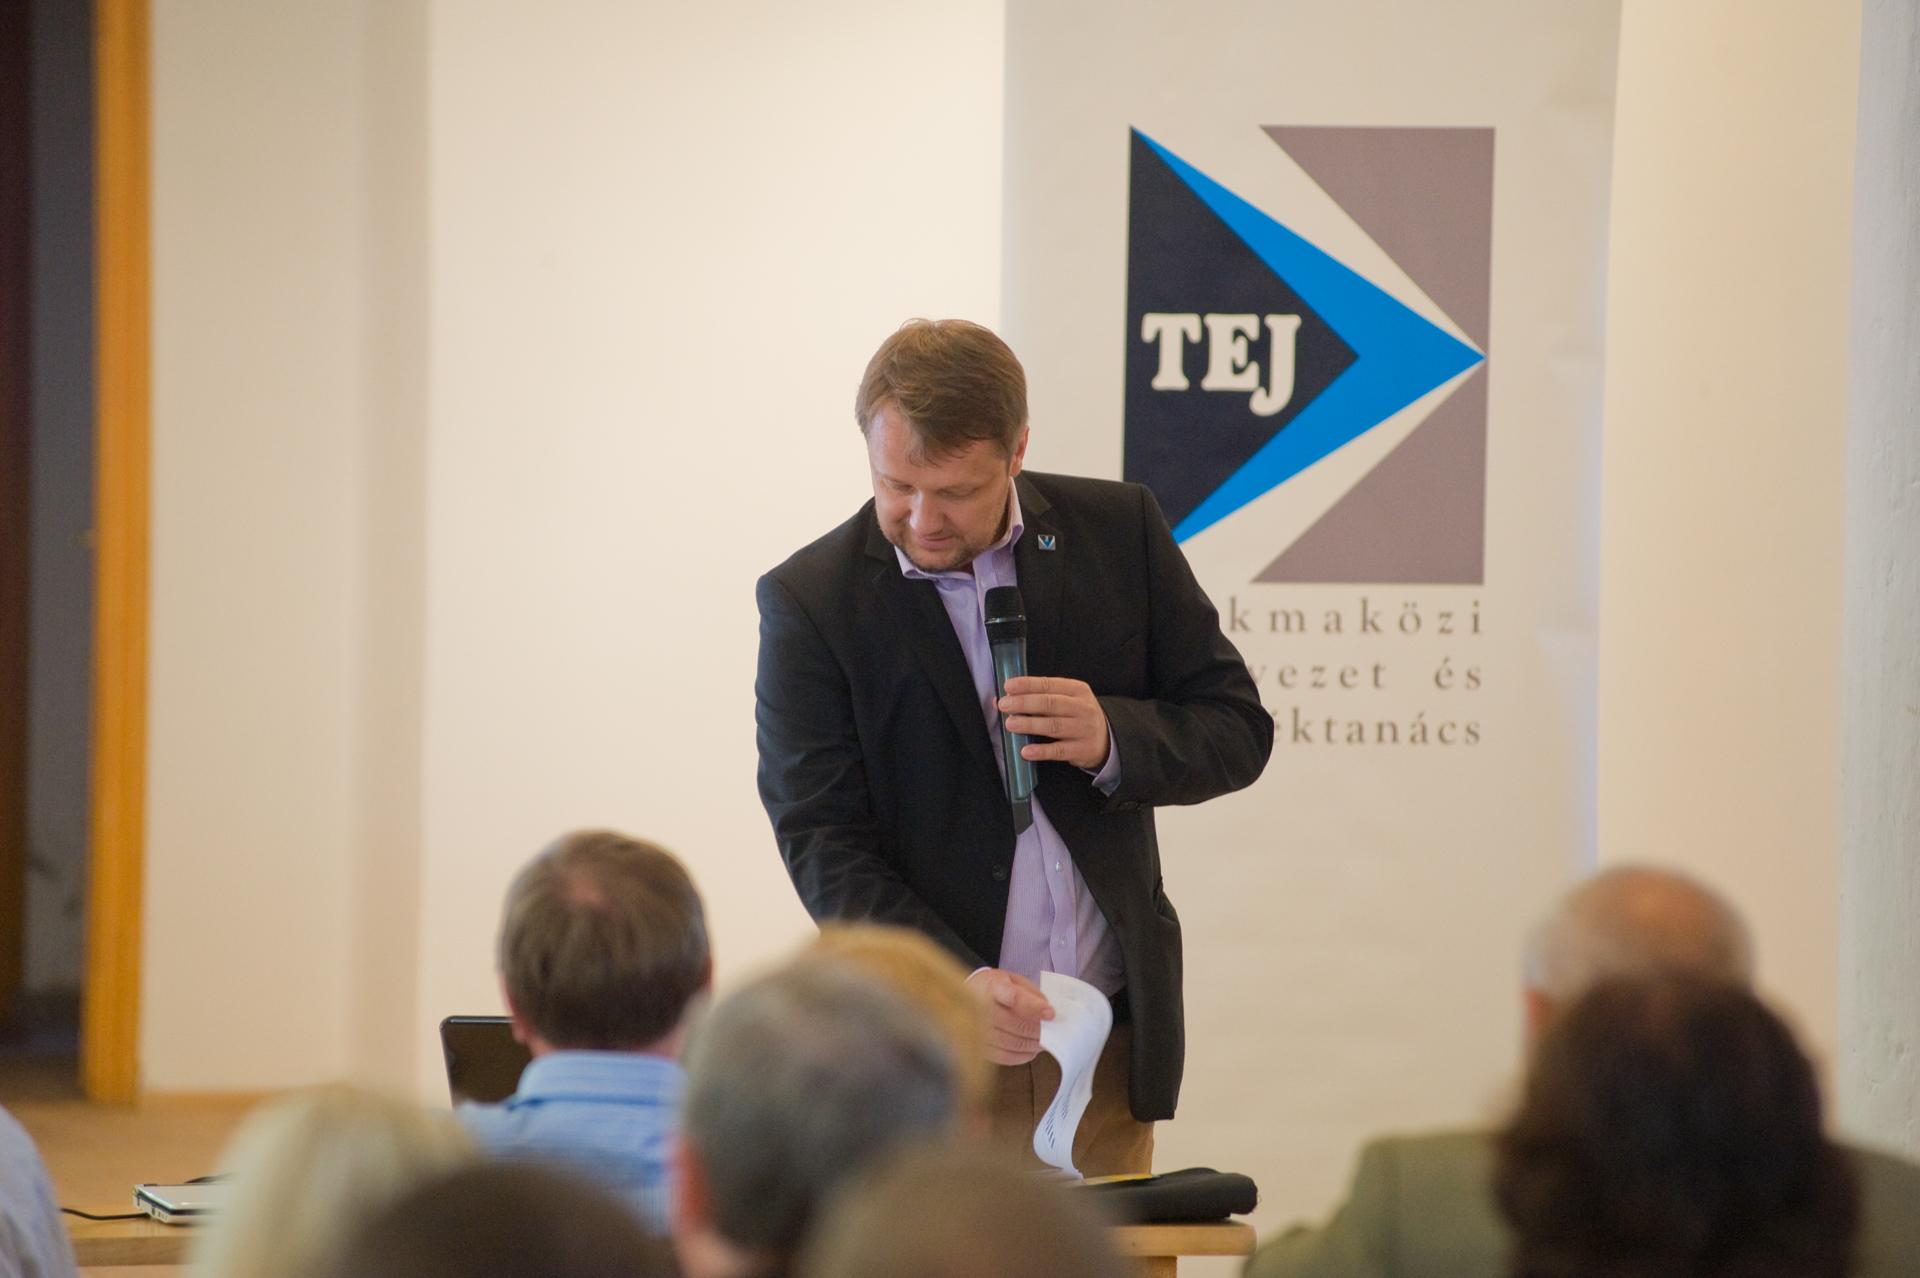 Harcz Zoltán (Tej Szakmaközi Szervezet és Terméktanács) előadása a tejágazat jelenlegi helyzetéről  - Beszámoló a blogon hamarosan!